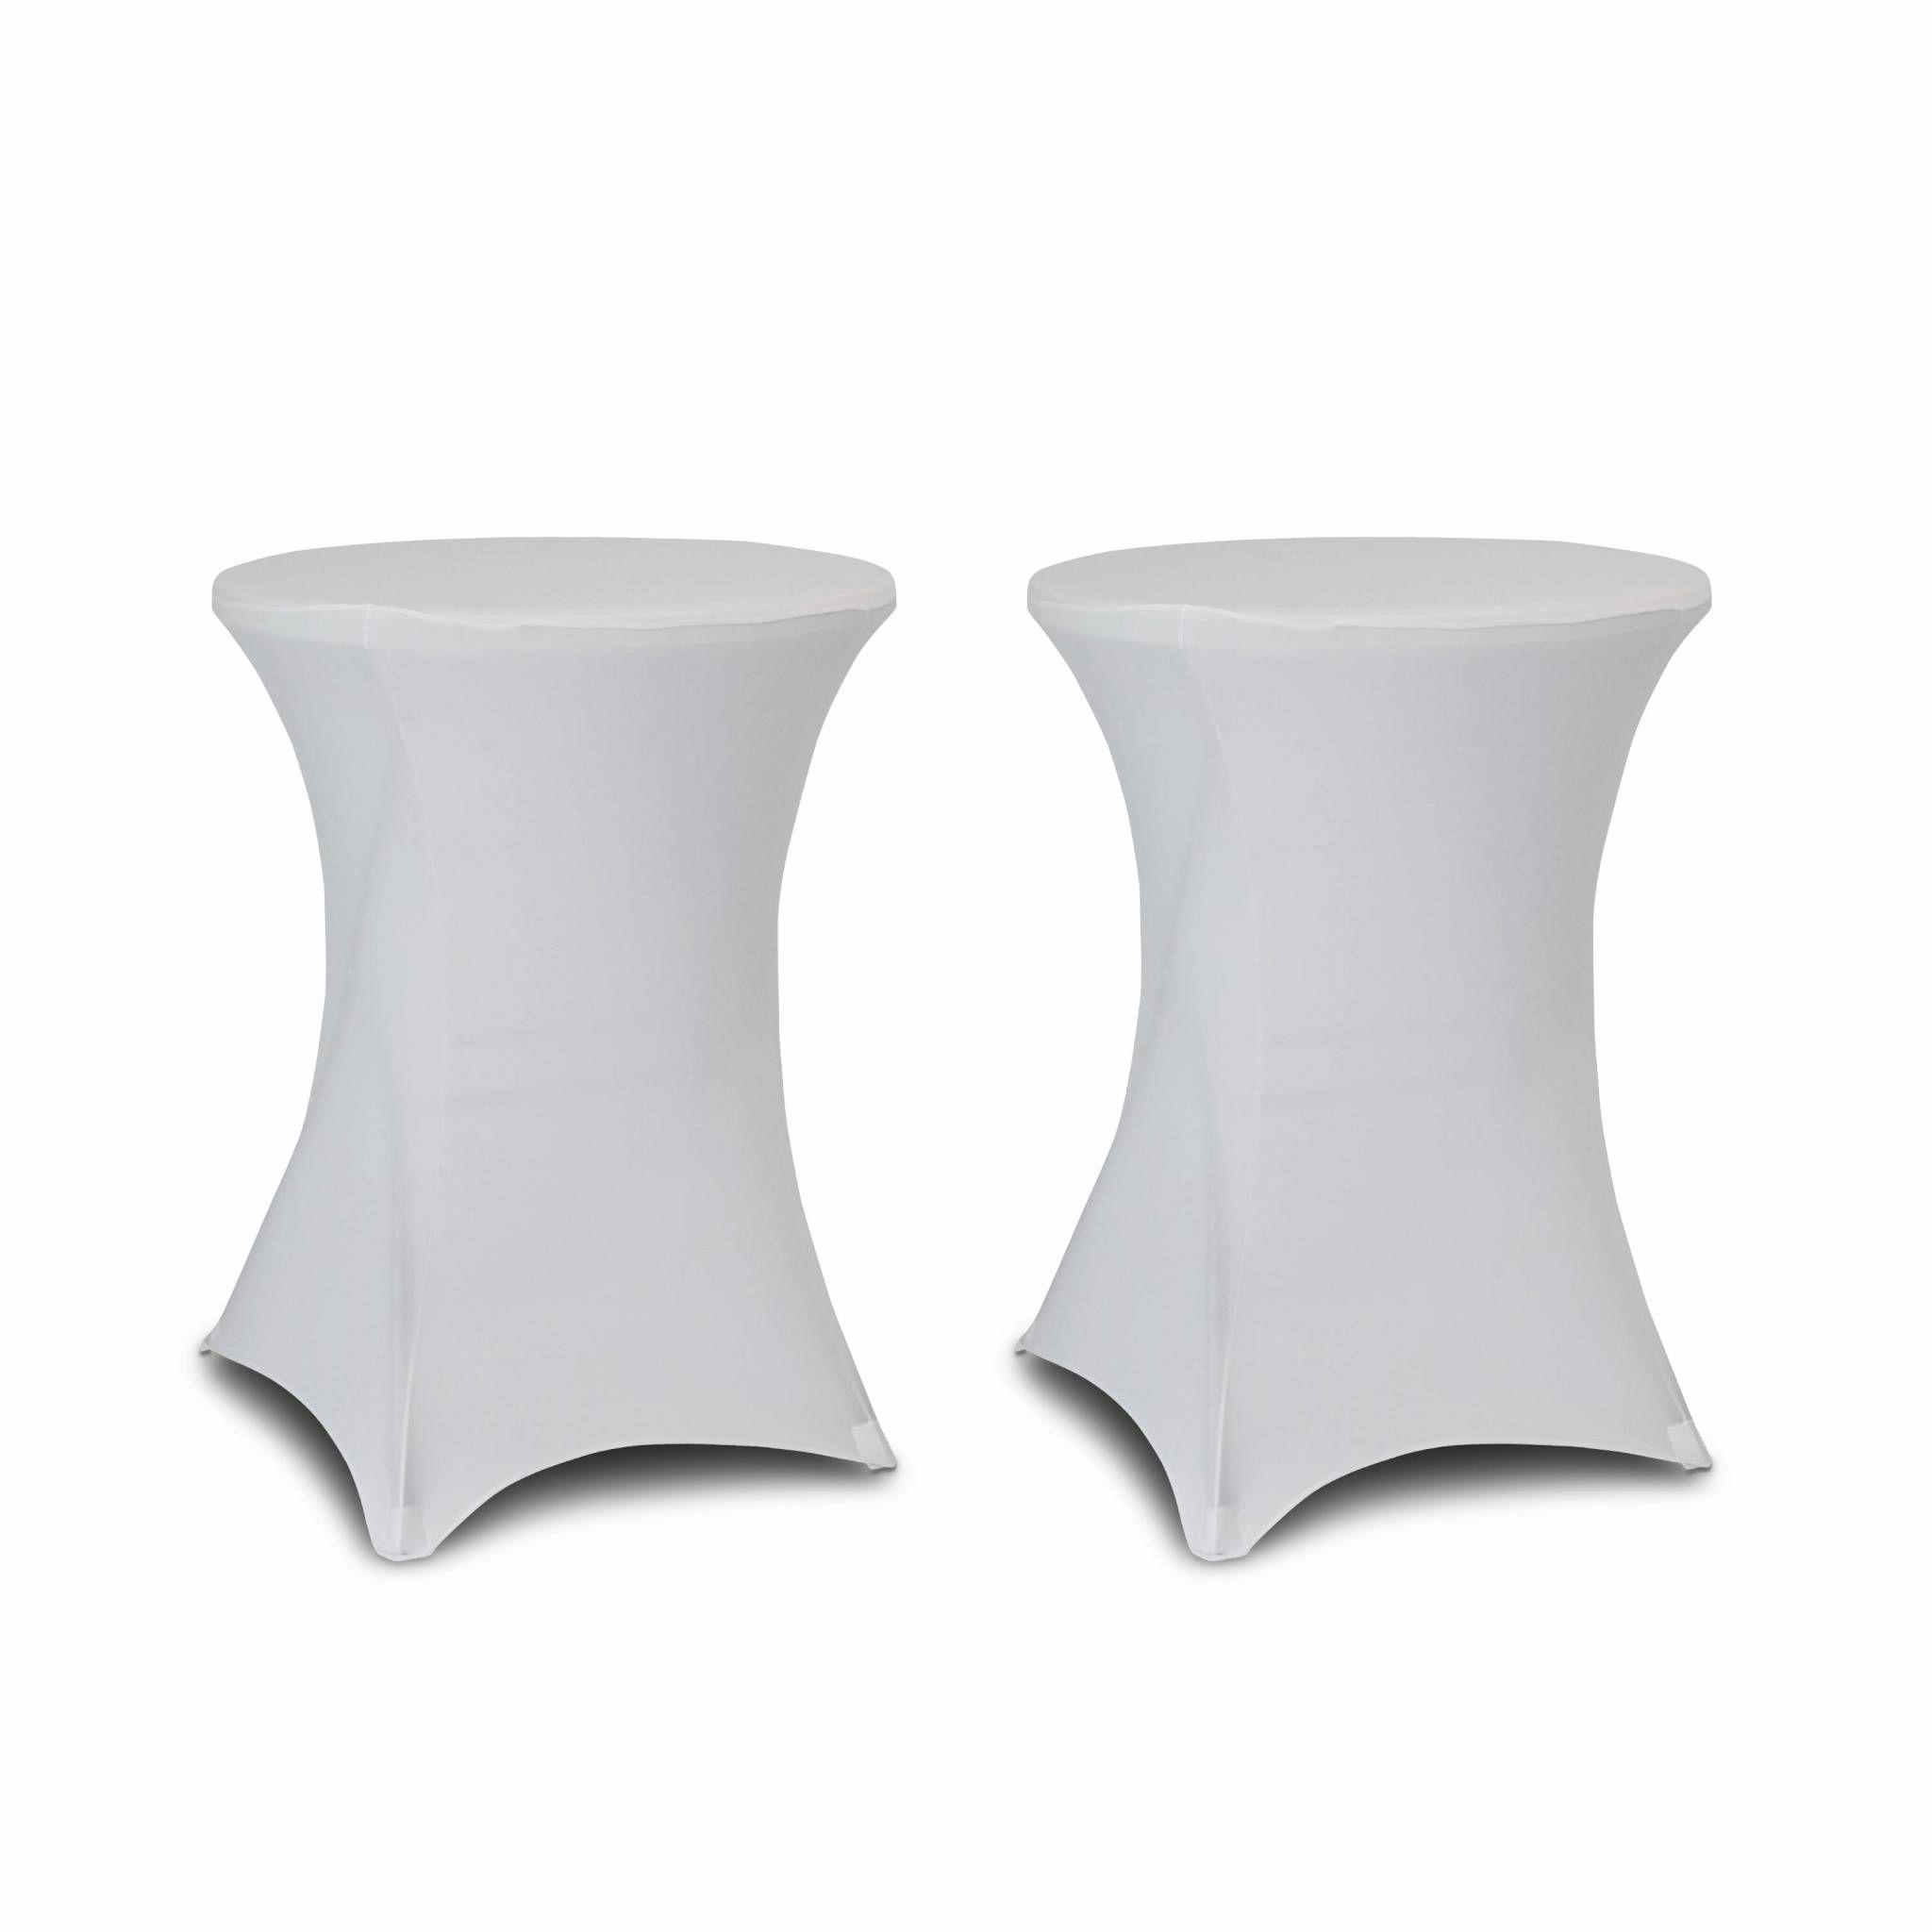 Lot de 2 housses – GALA – Housses pour mange-debout Ø80cm, polyester, blanc